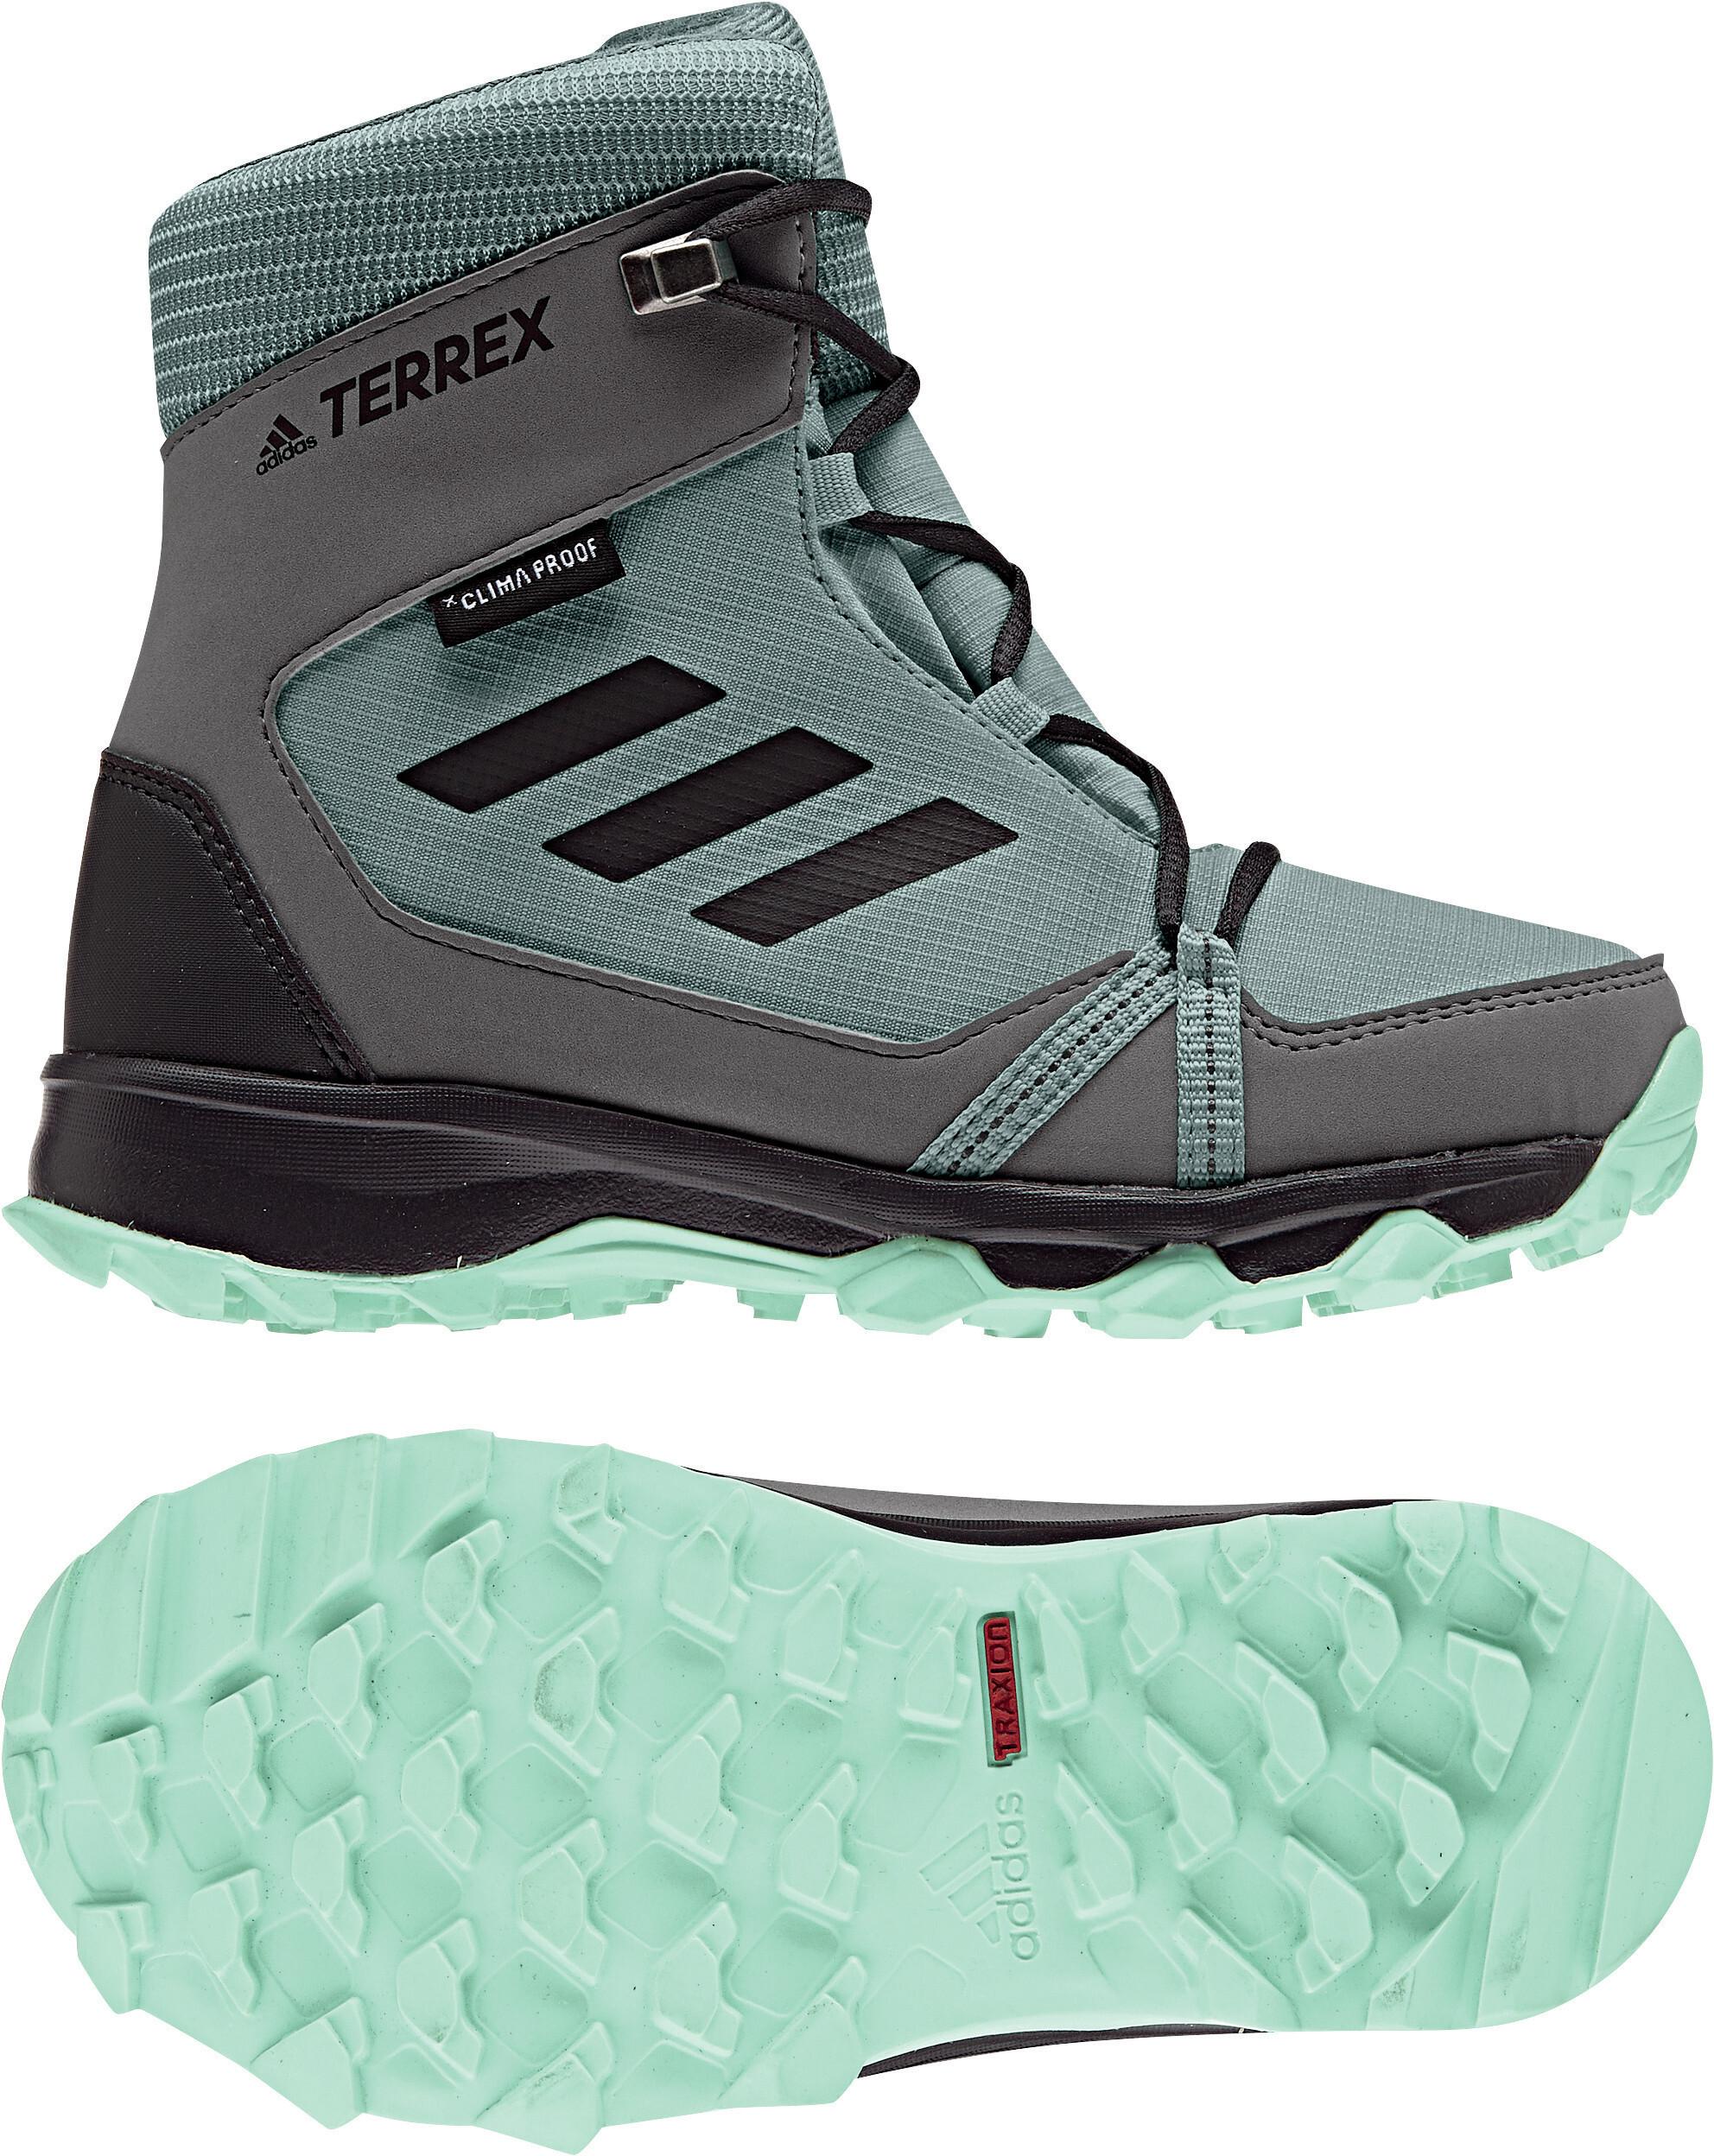 new arrival 8e224 5dd65 adidas TERREX SnowPitch Scarpe invernali Ragazza, clear mint/carbon/hi-res  aqua